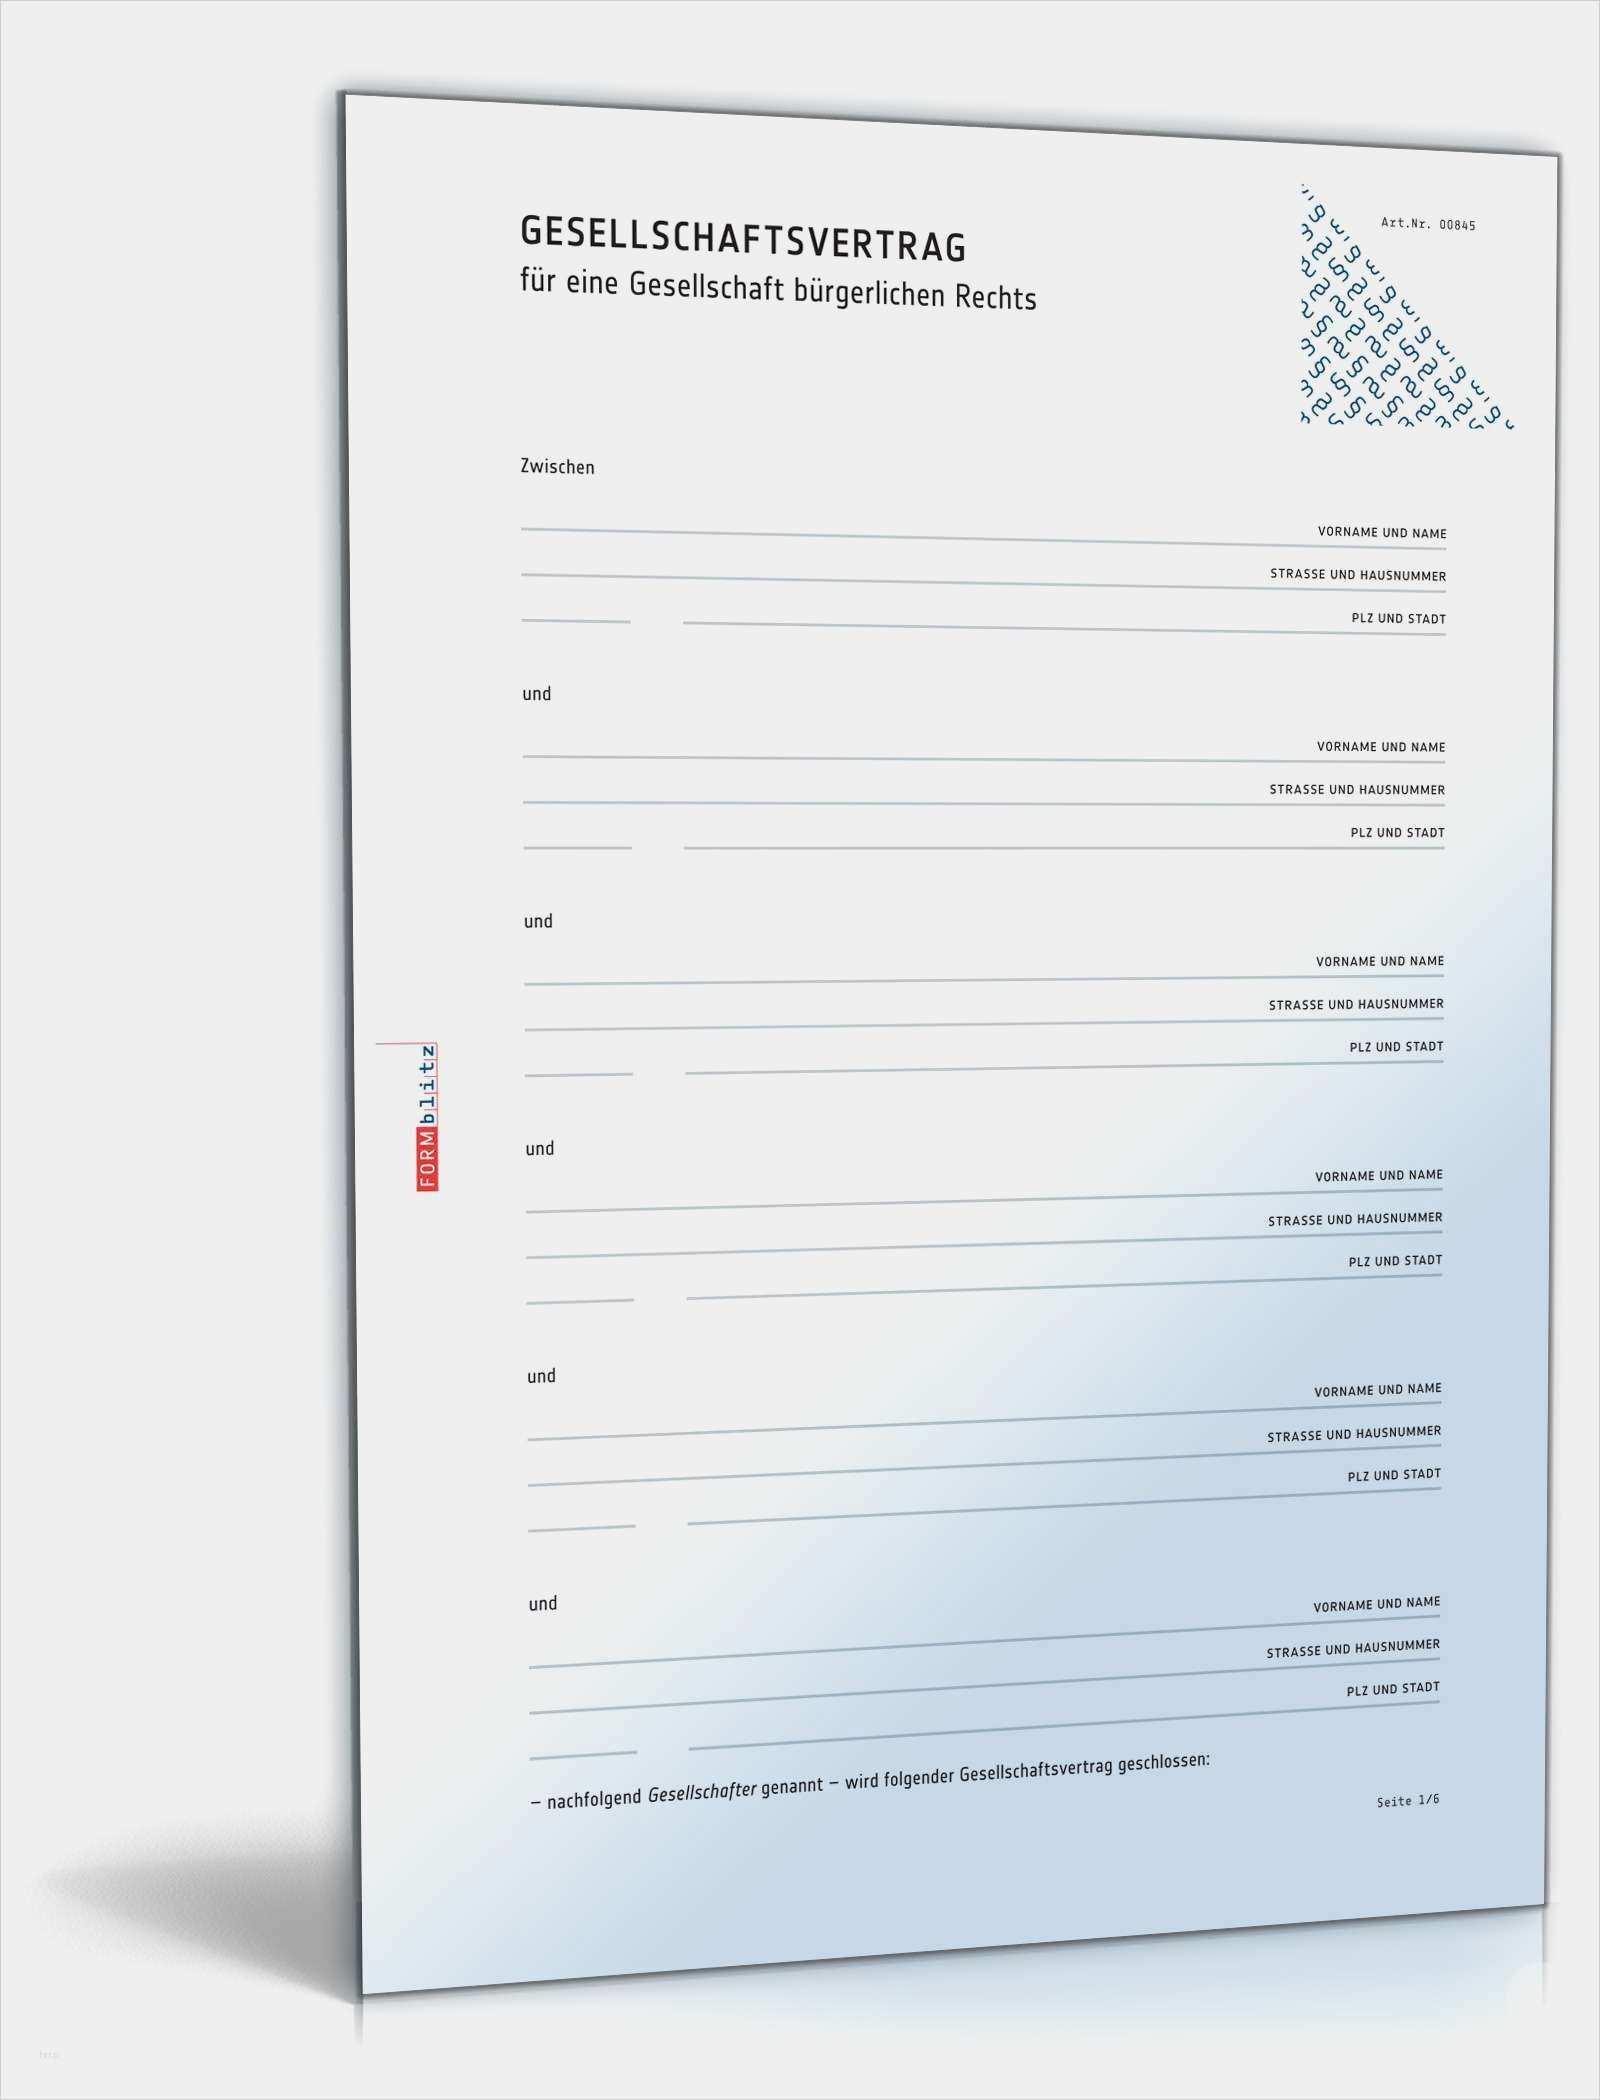 33 Grossartig Gbr Rechnung Vorlage Ideen In 2020 Vorlagen Word Gesellschaftsvertrag Rechnung Vorlage